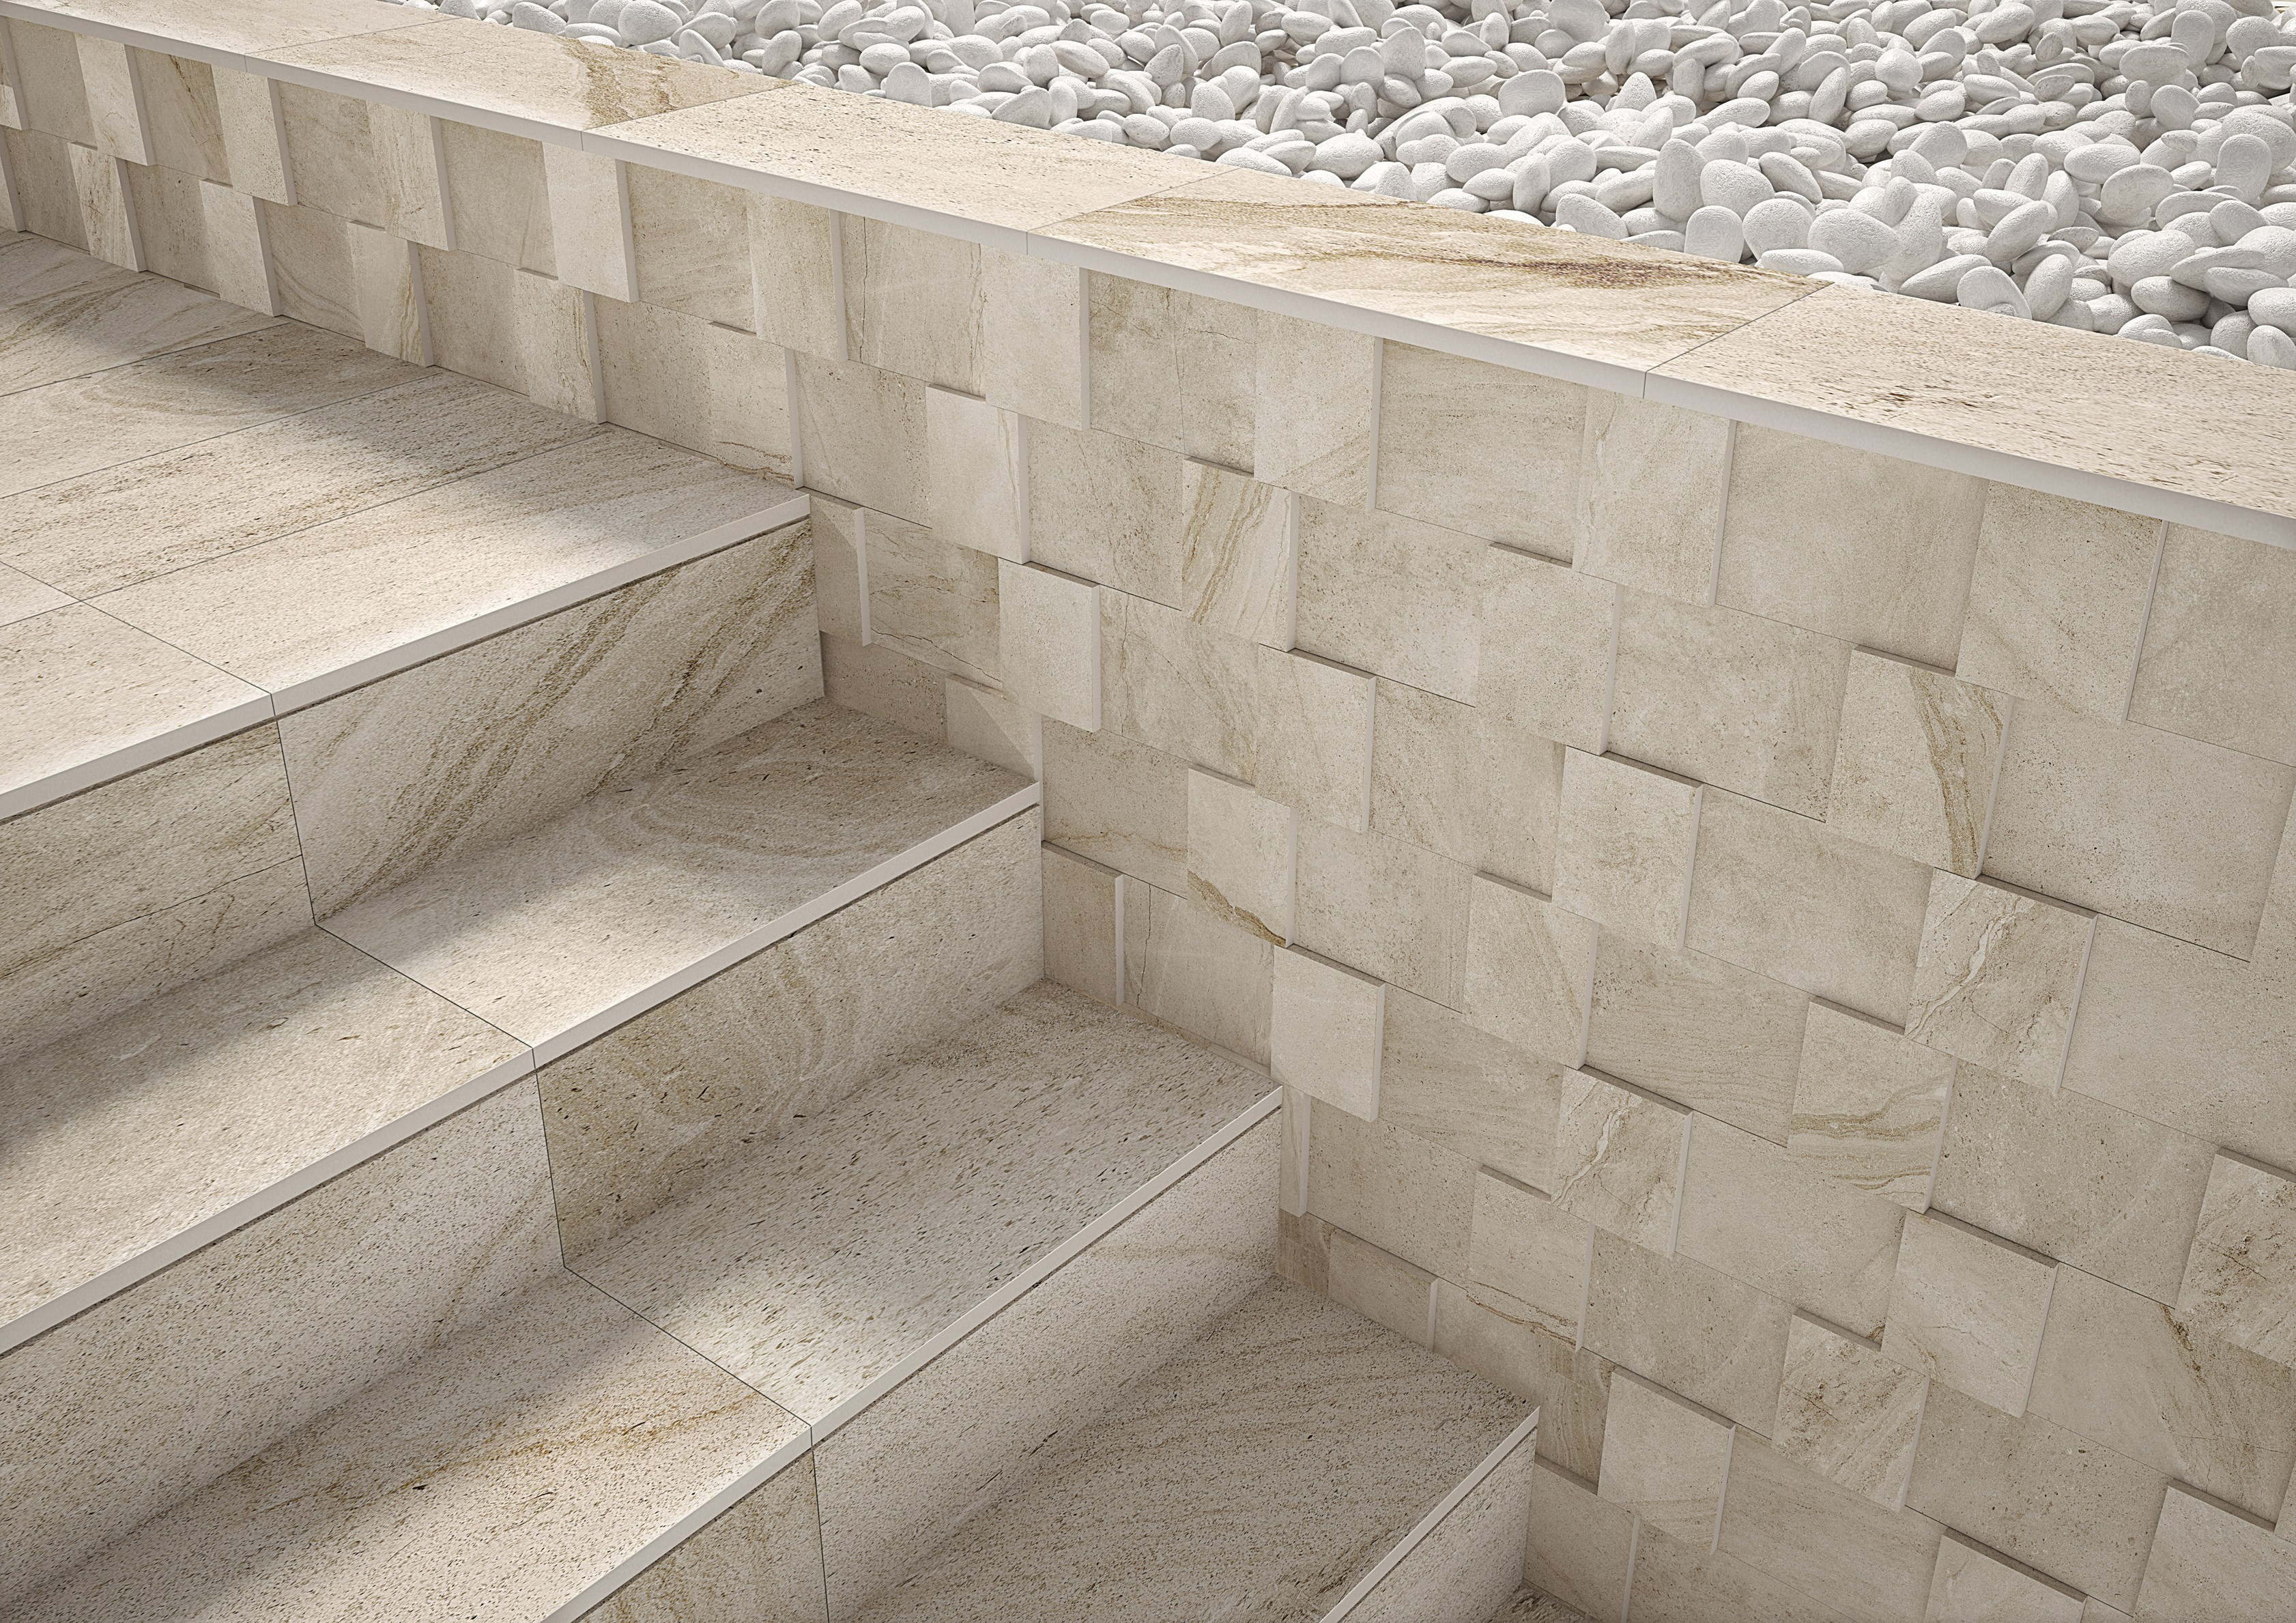 Pavimento in gres porcellanato per interni ed esterni for Pavimenti 3d prezzi